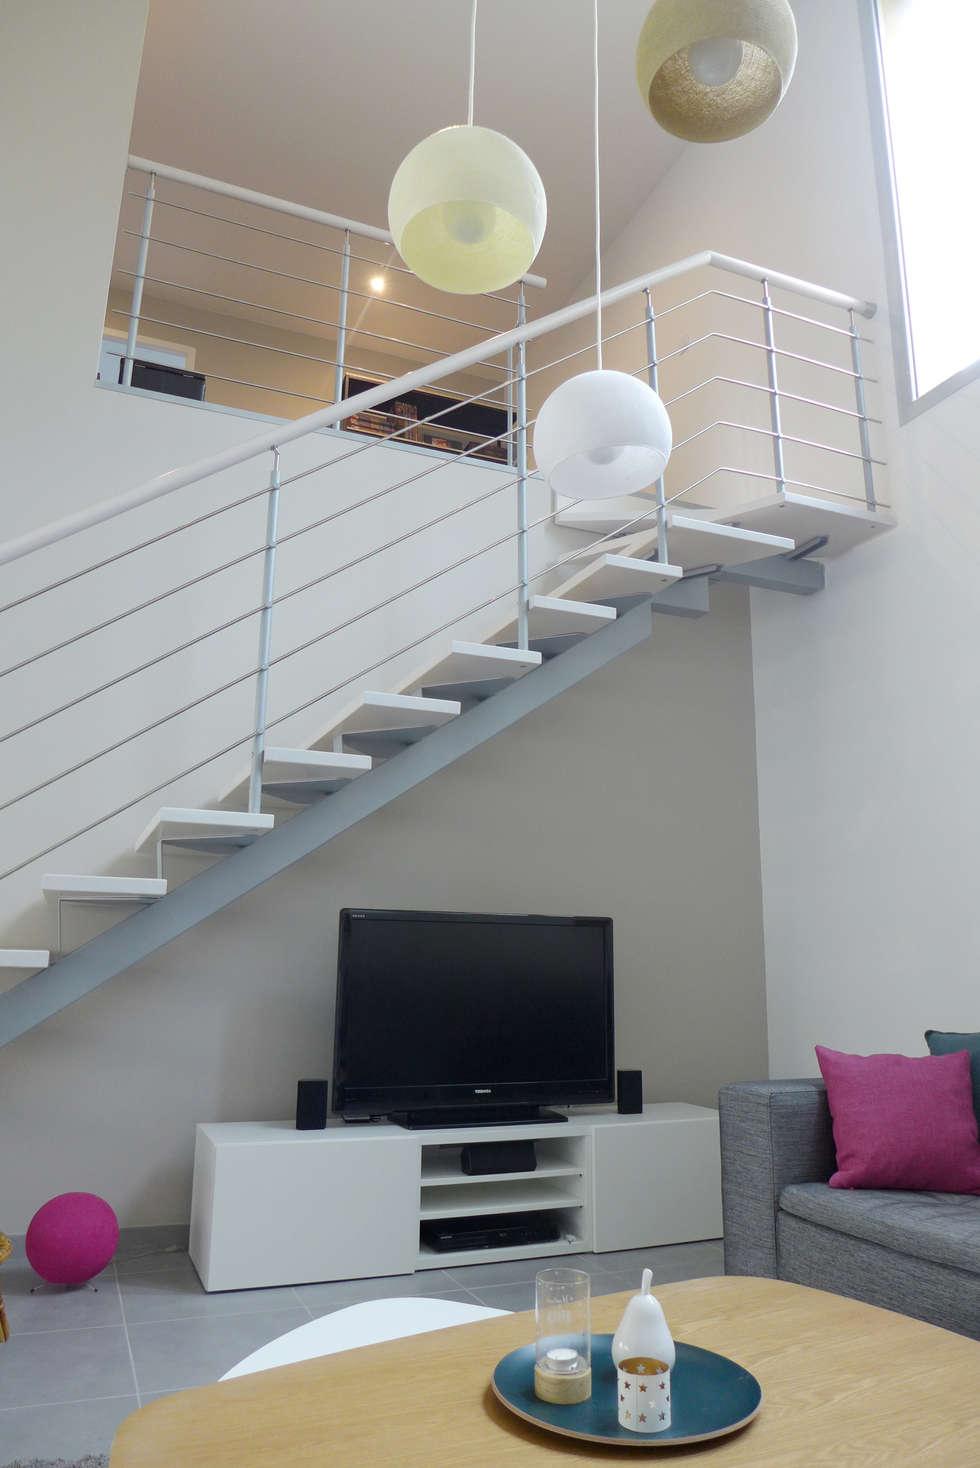 Un coin tv sous l'escalier.: Salon de style de style Scandinave par Skéa Designer